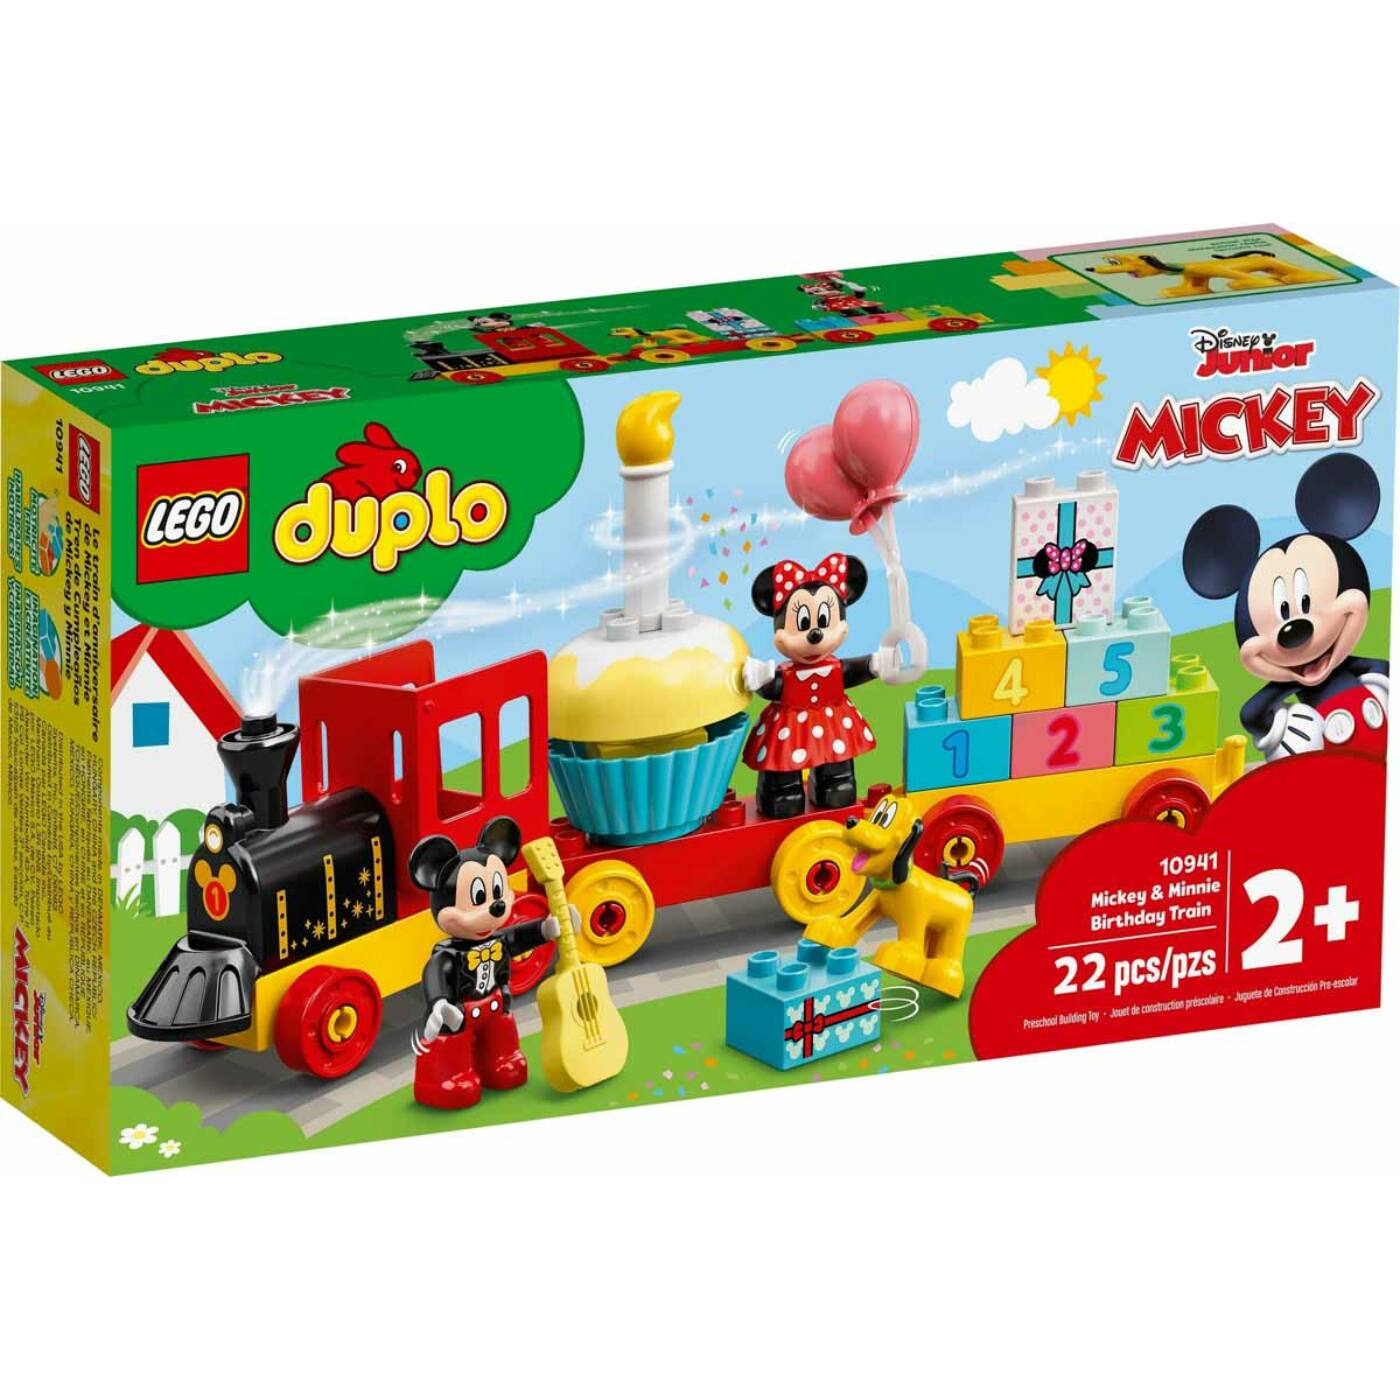 Lego Duplo Mickey és Minnie születésnapi vonata